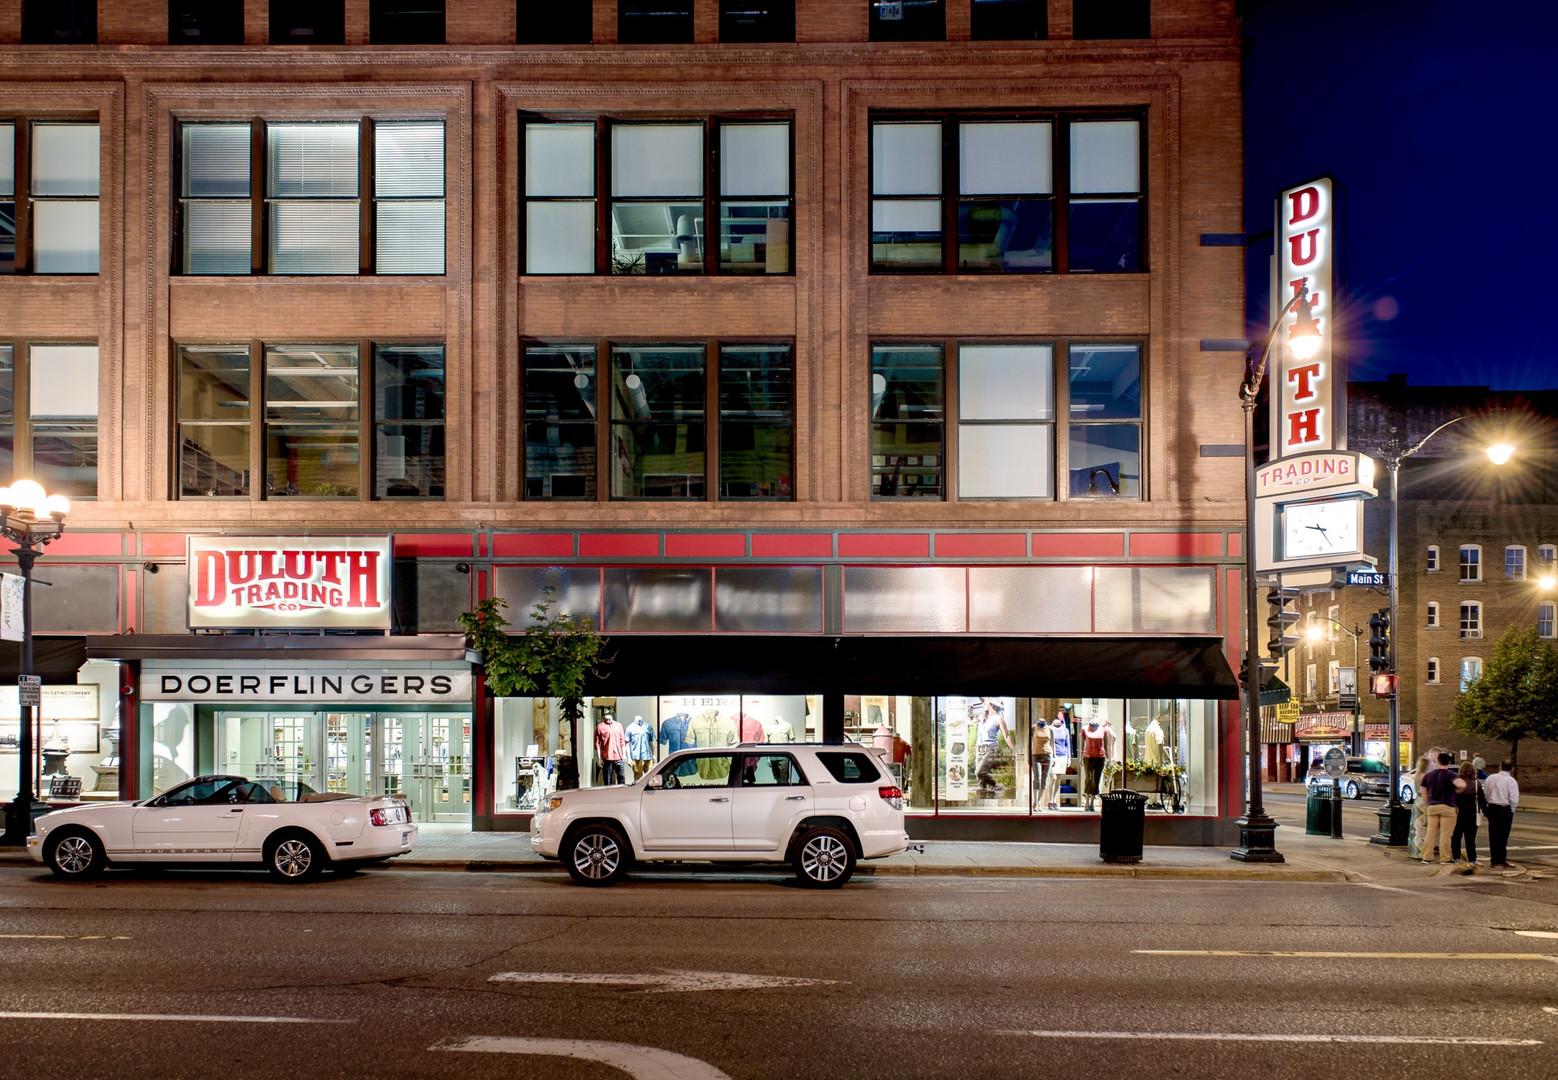 Duluth Trading Co. La Crosse, WI